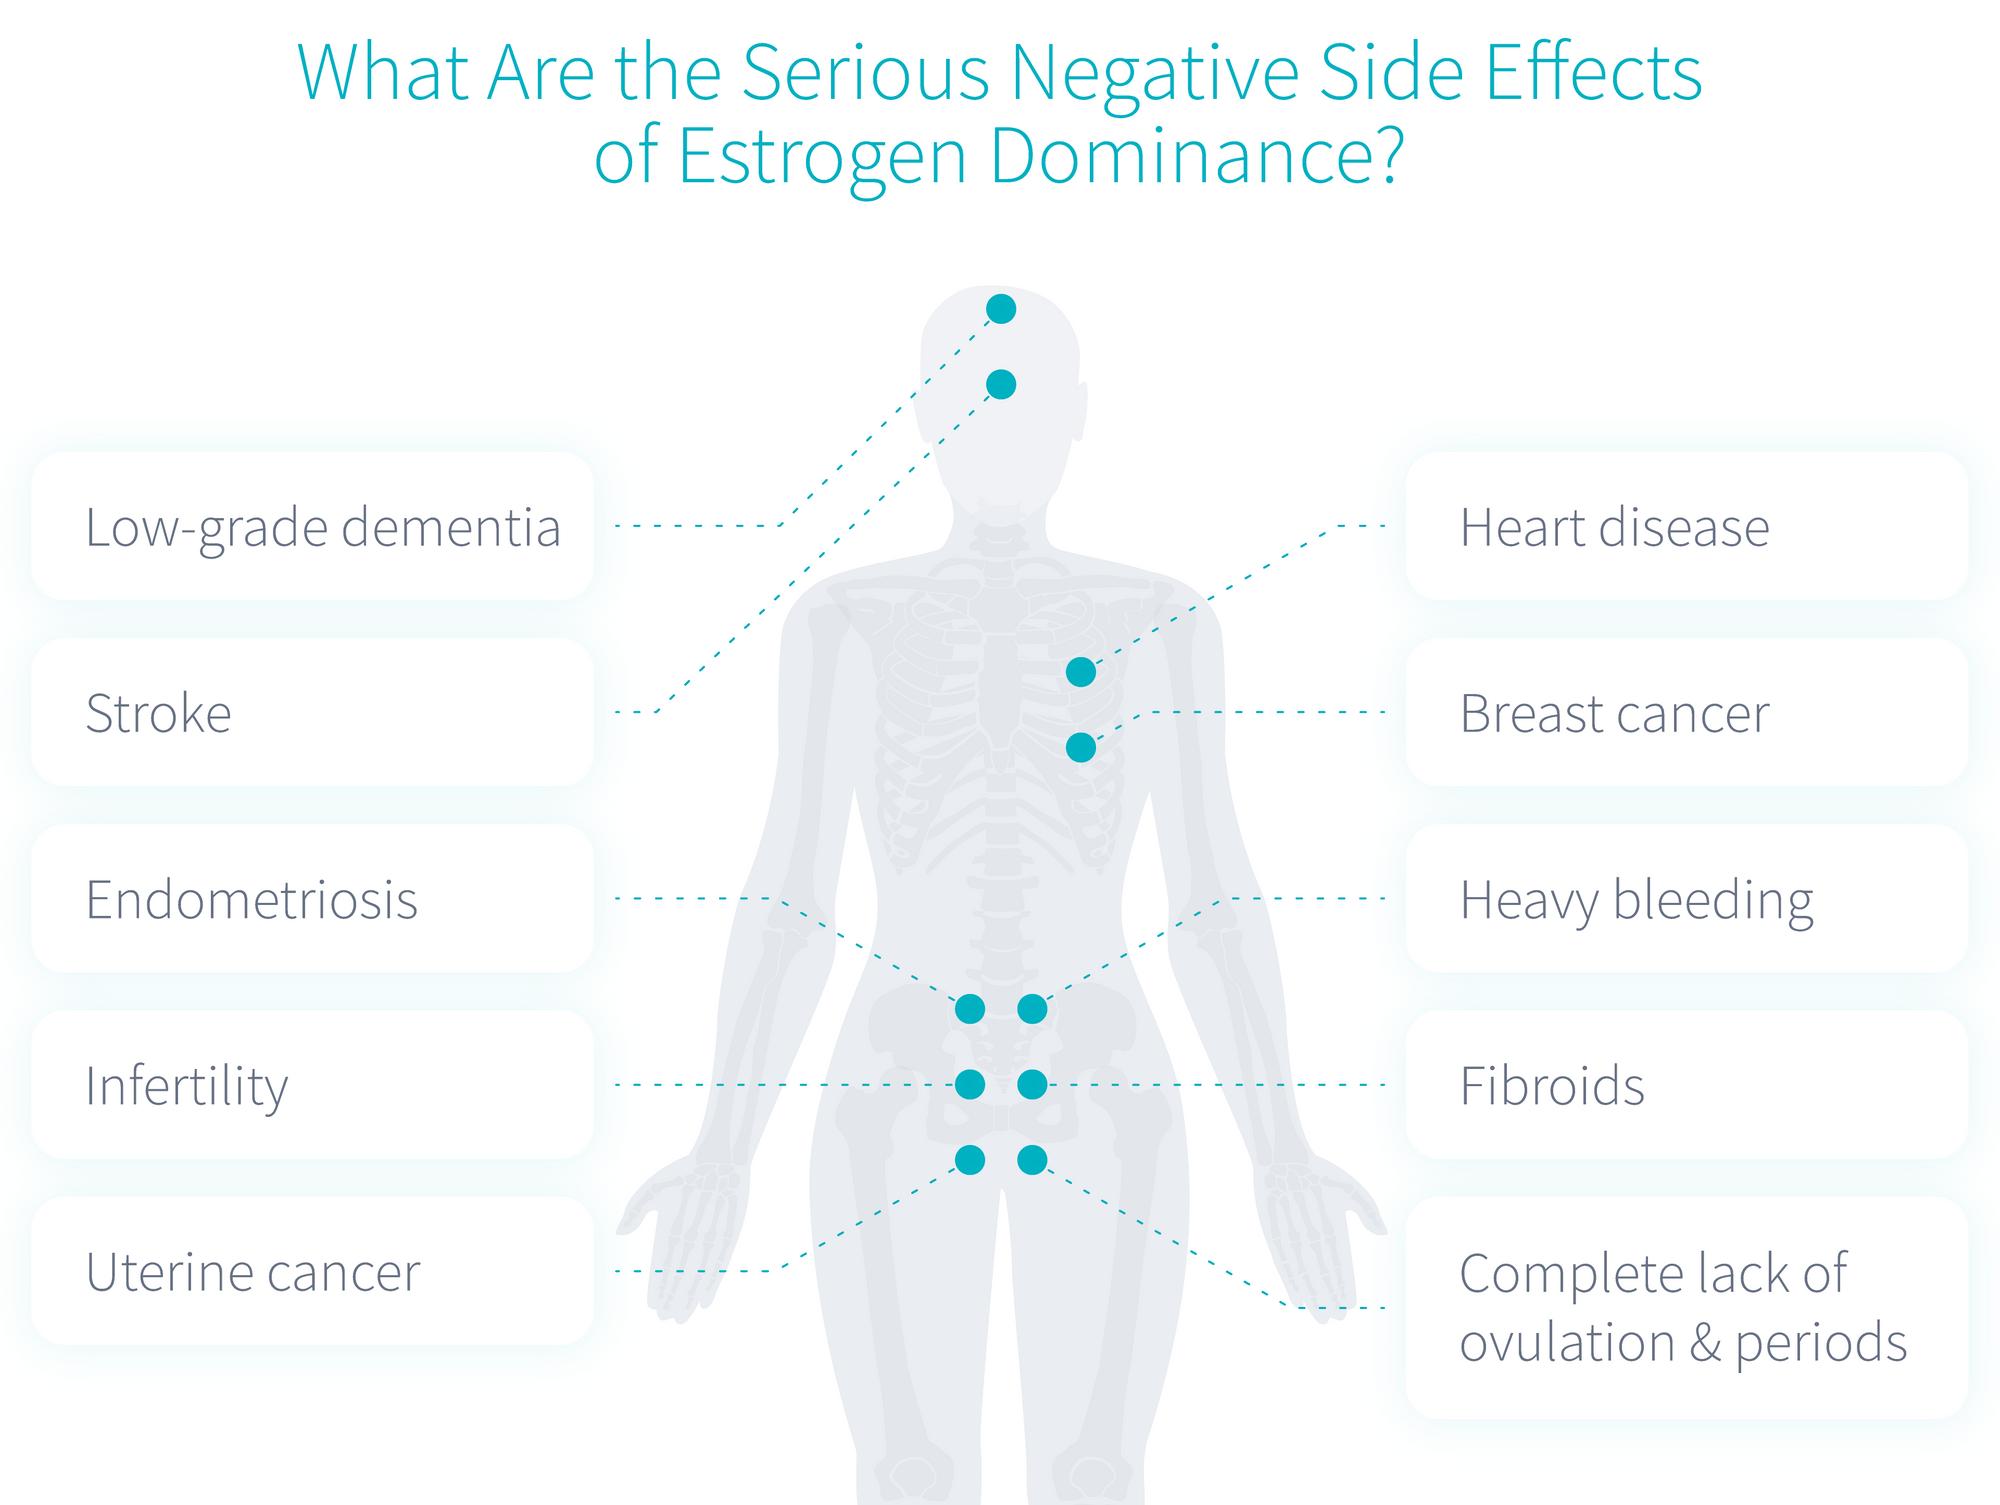 estrogen-negative-side-effects-of-estrogen-dominance-illustration-1